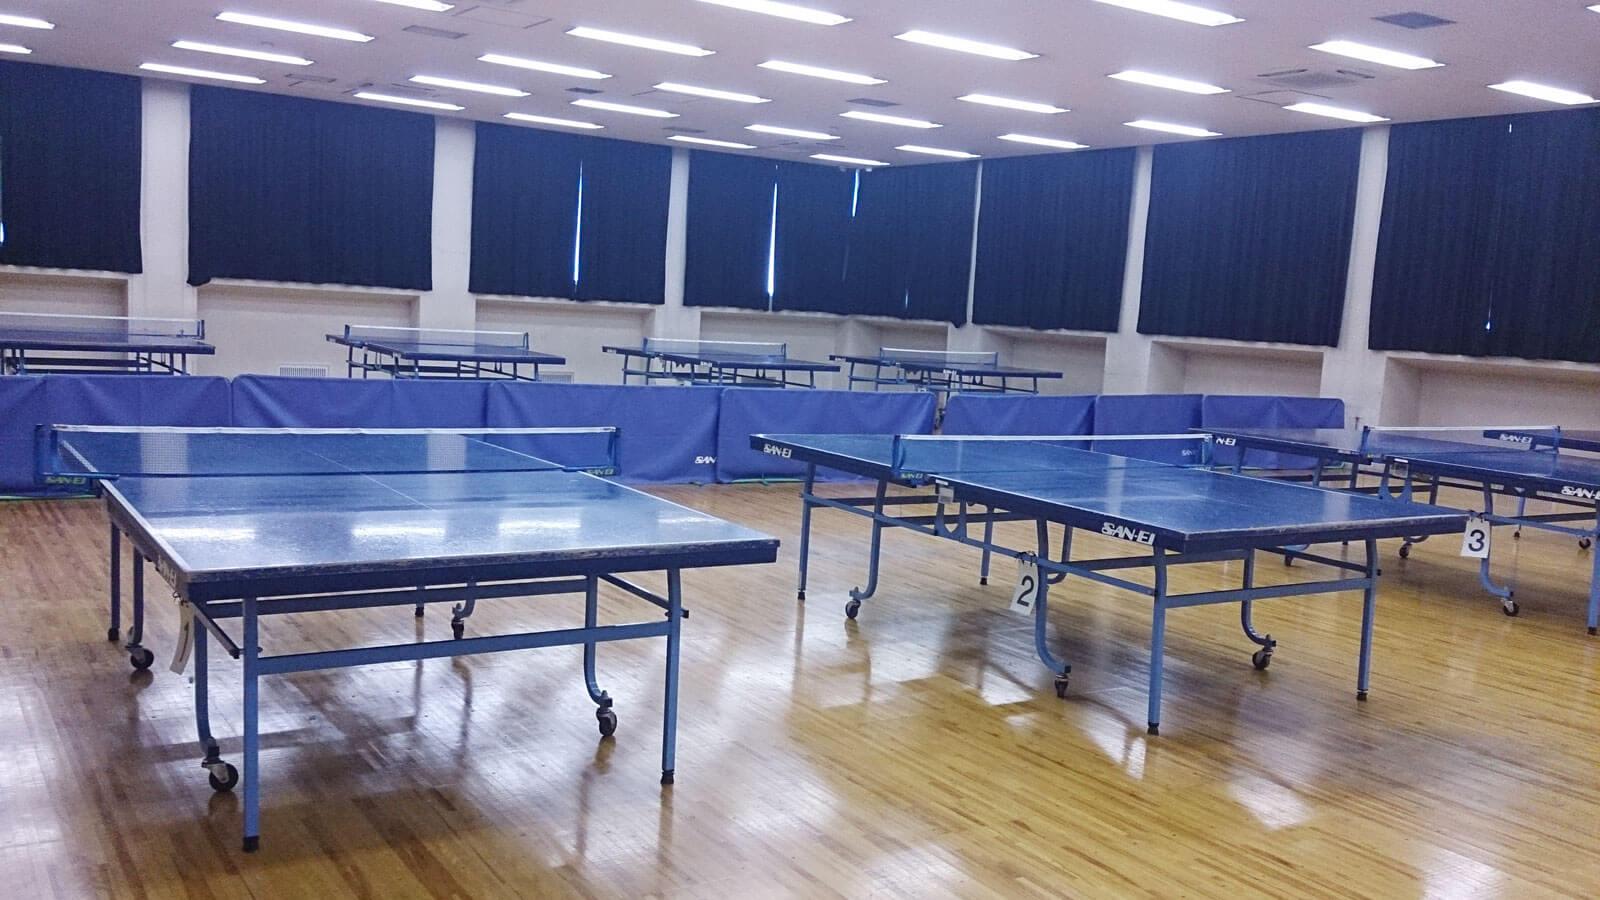 福祉体育館 卓球場